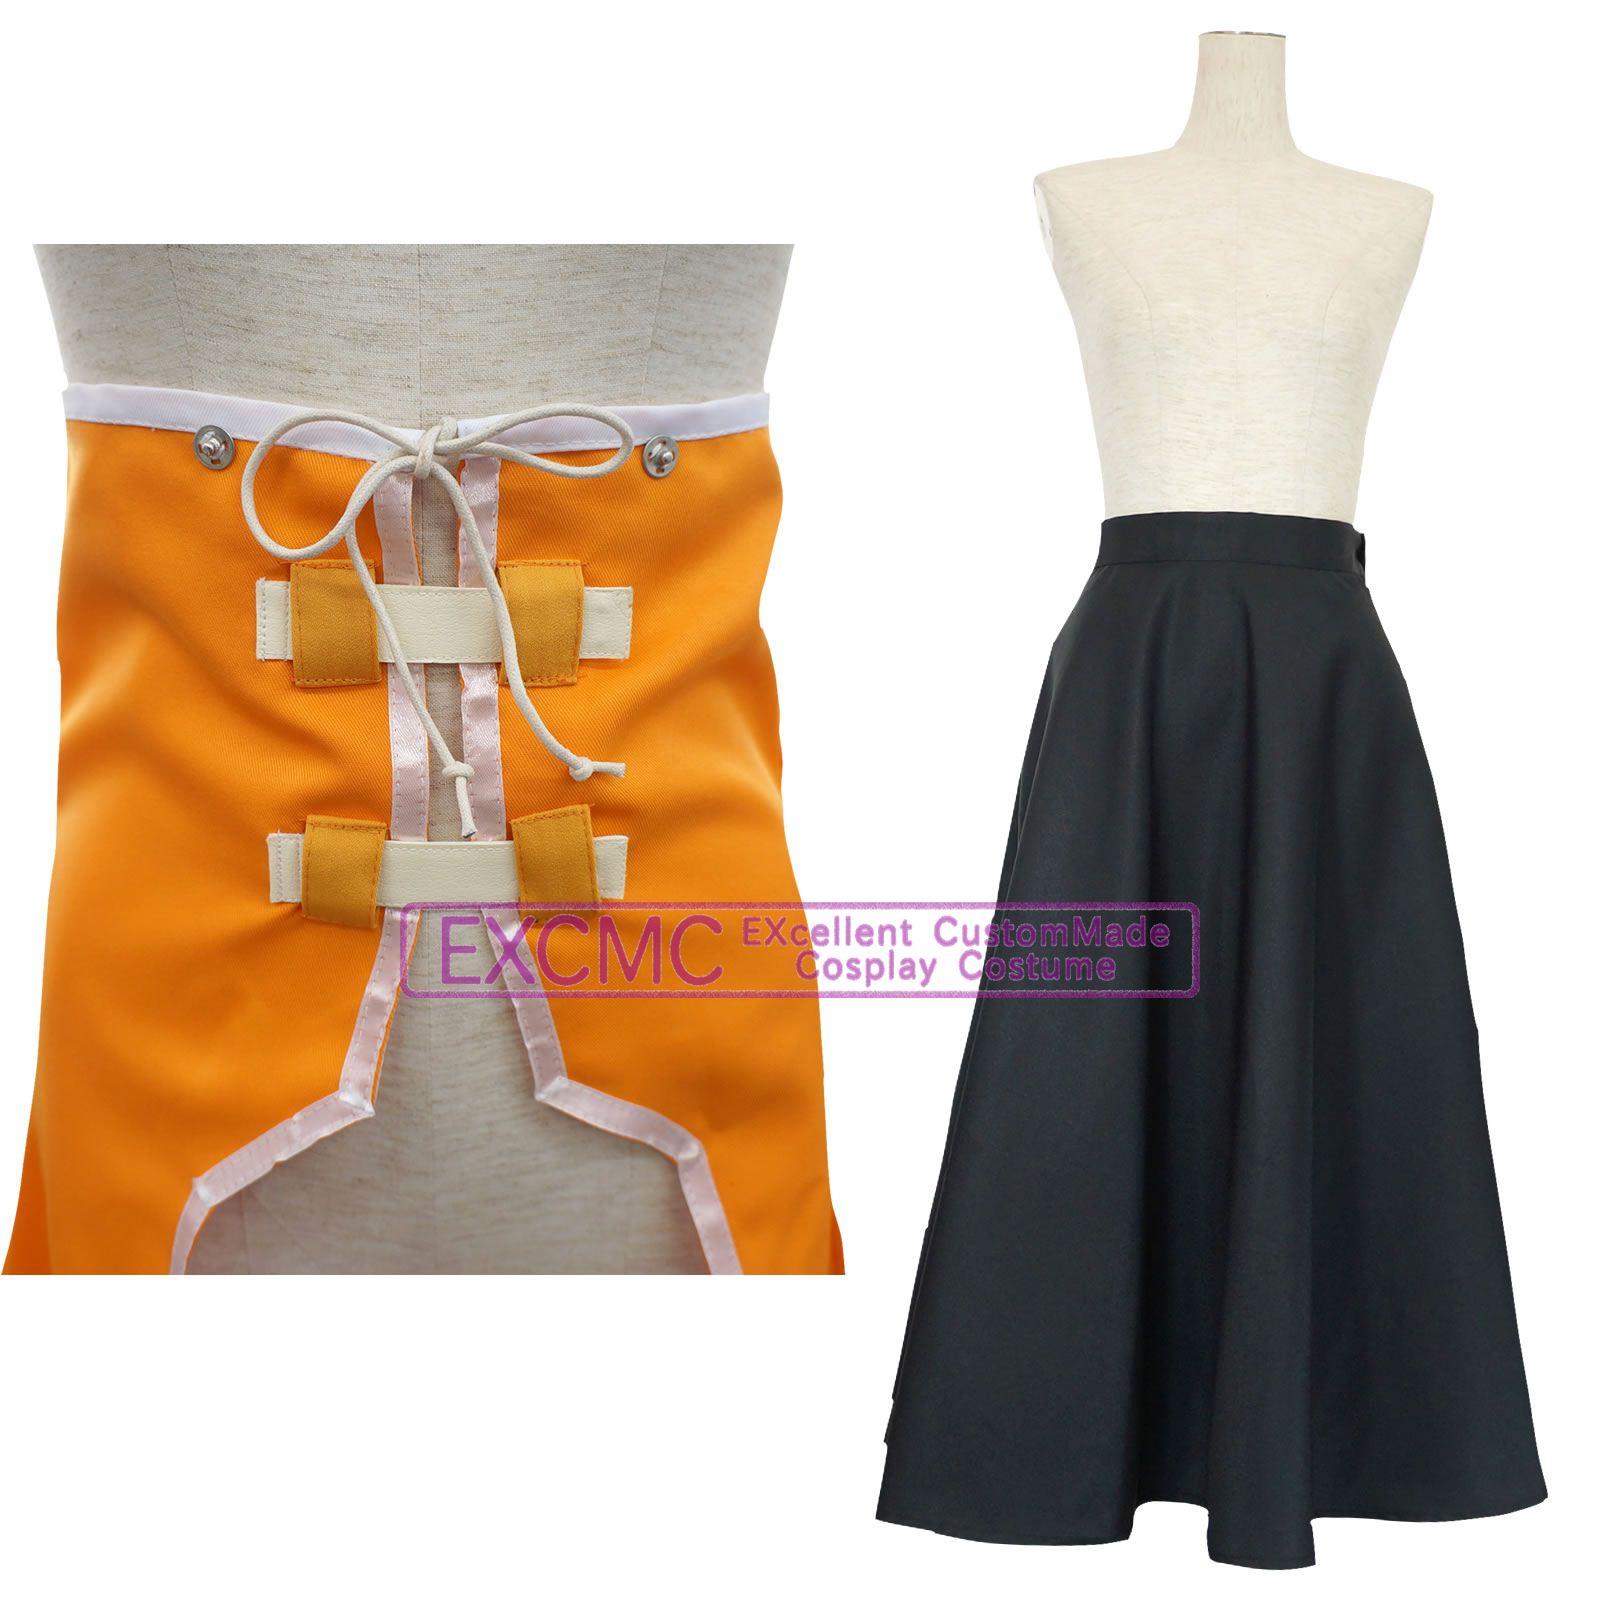 この素晴らしい世界に祝福を ダクネス 風 コスプレ衣装3